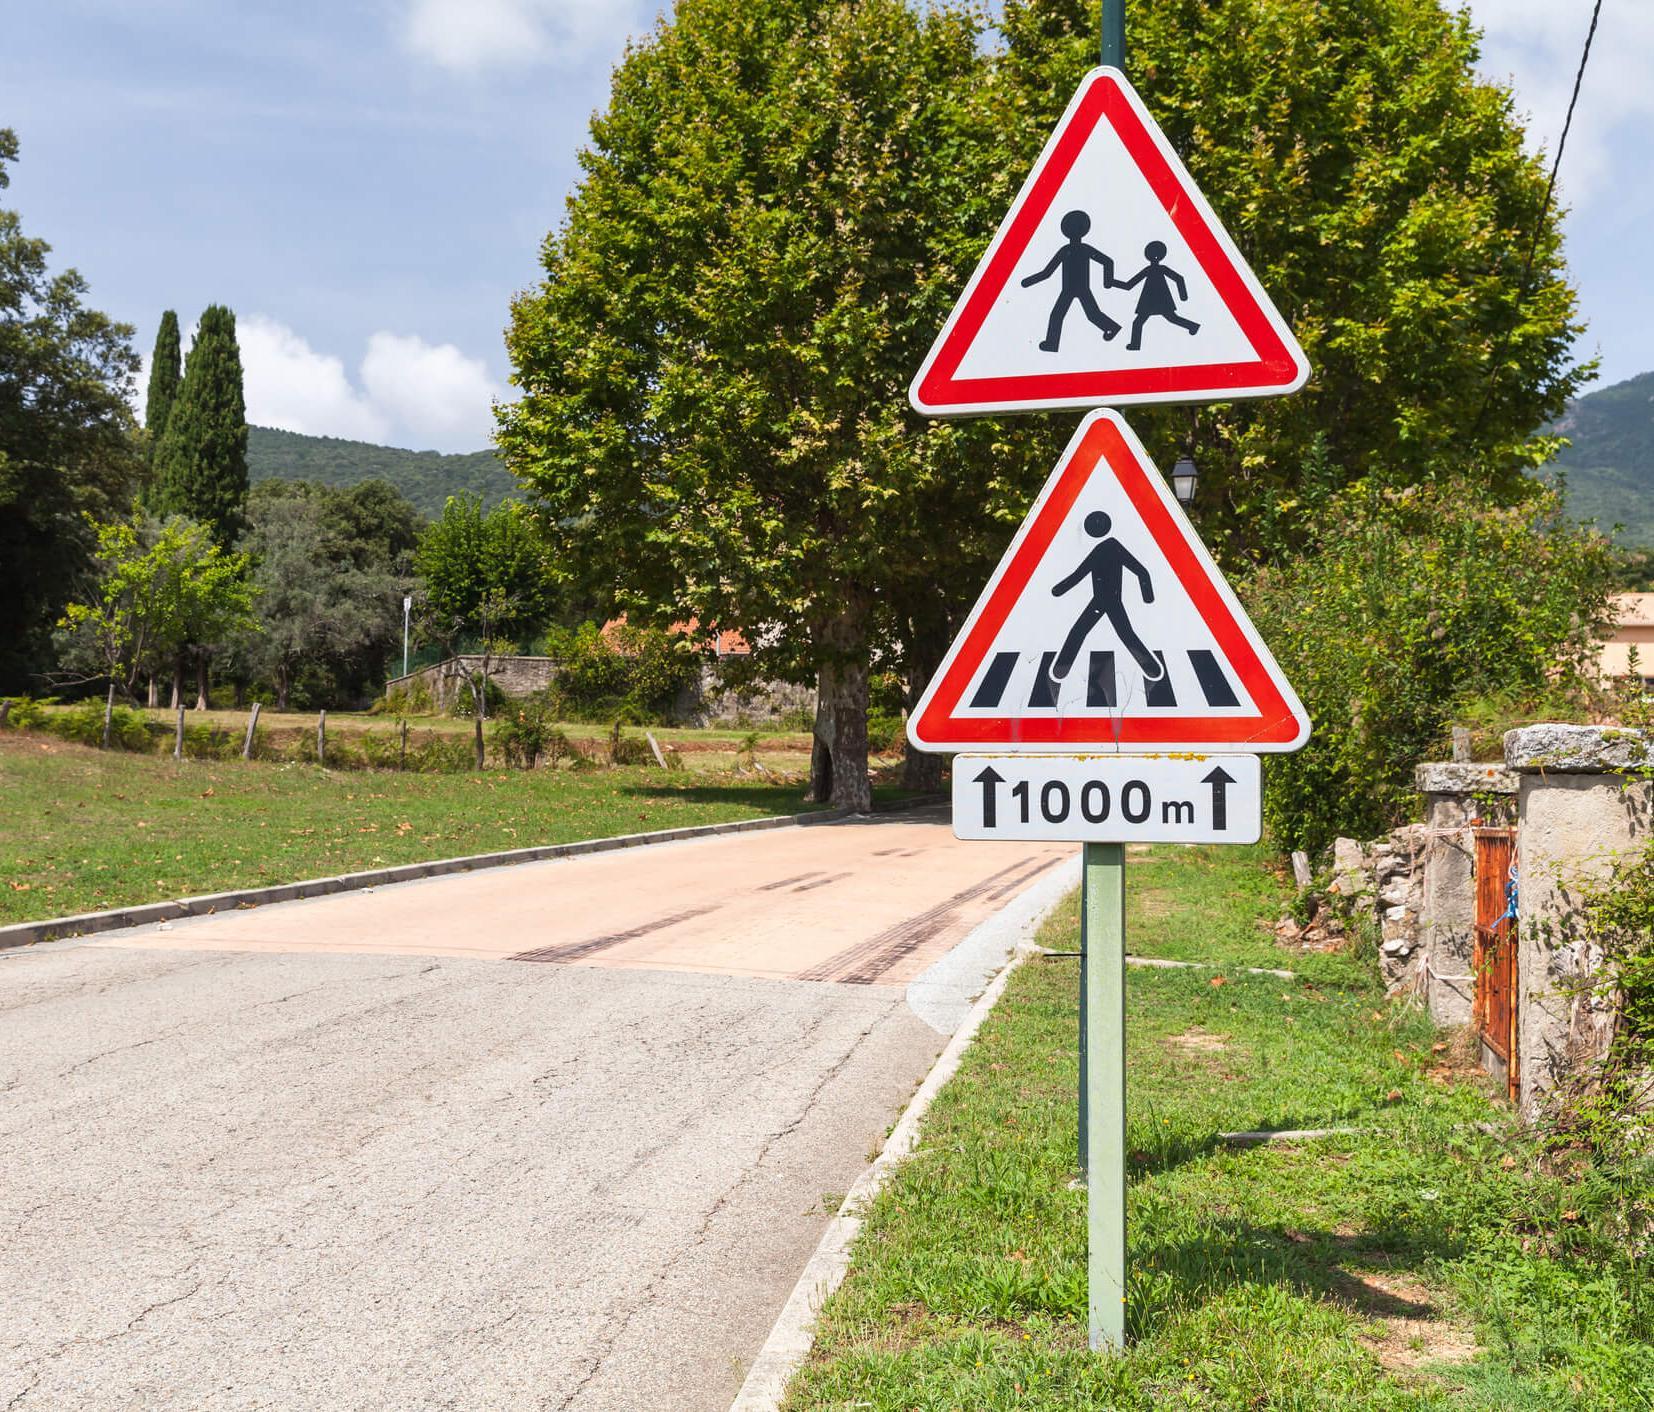 Quiz interactif : testez vos connaissances des panneaux de signalisation